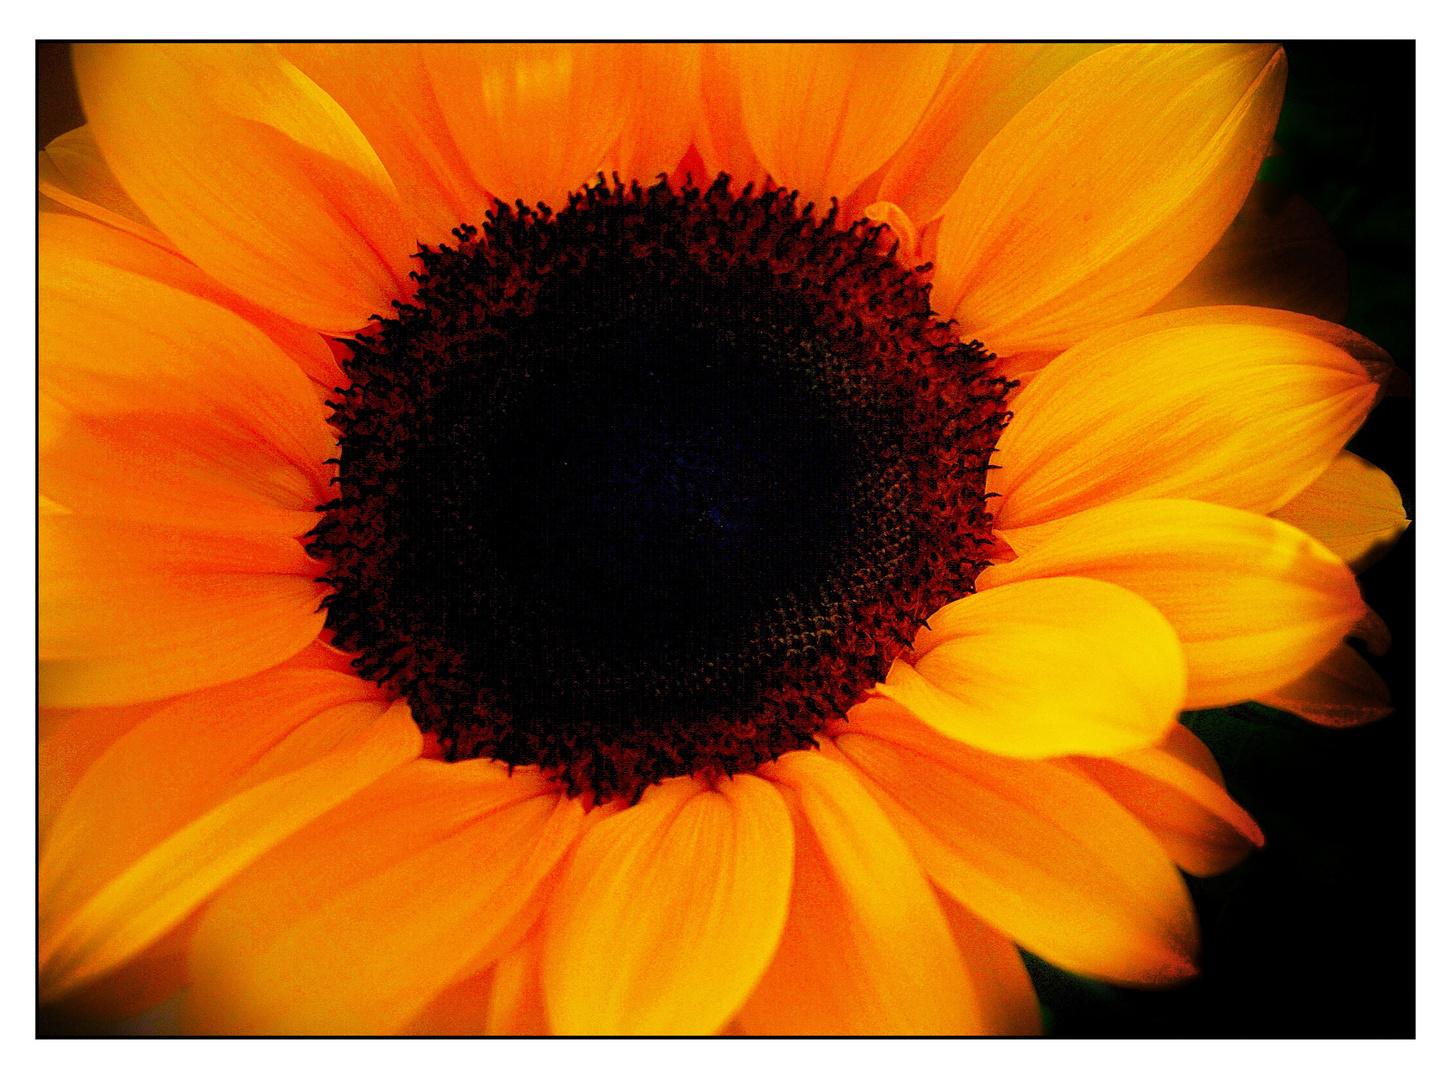 Sonnenschein Bilder